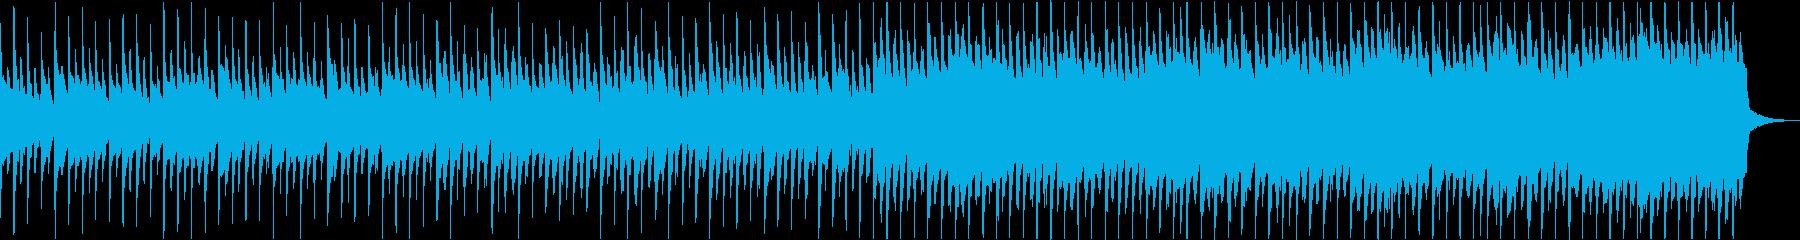 製品チュートリアル企業VPコーポレートbの再生済みの波形